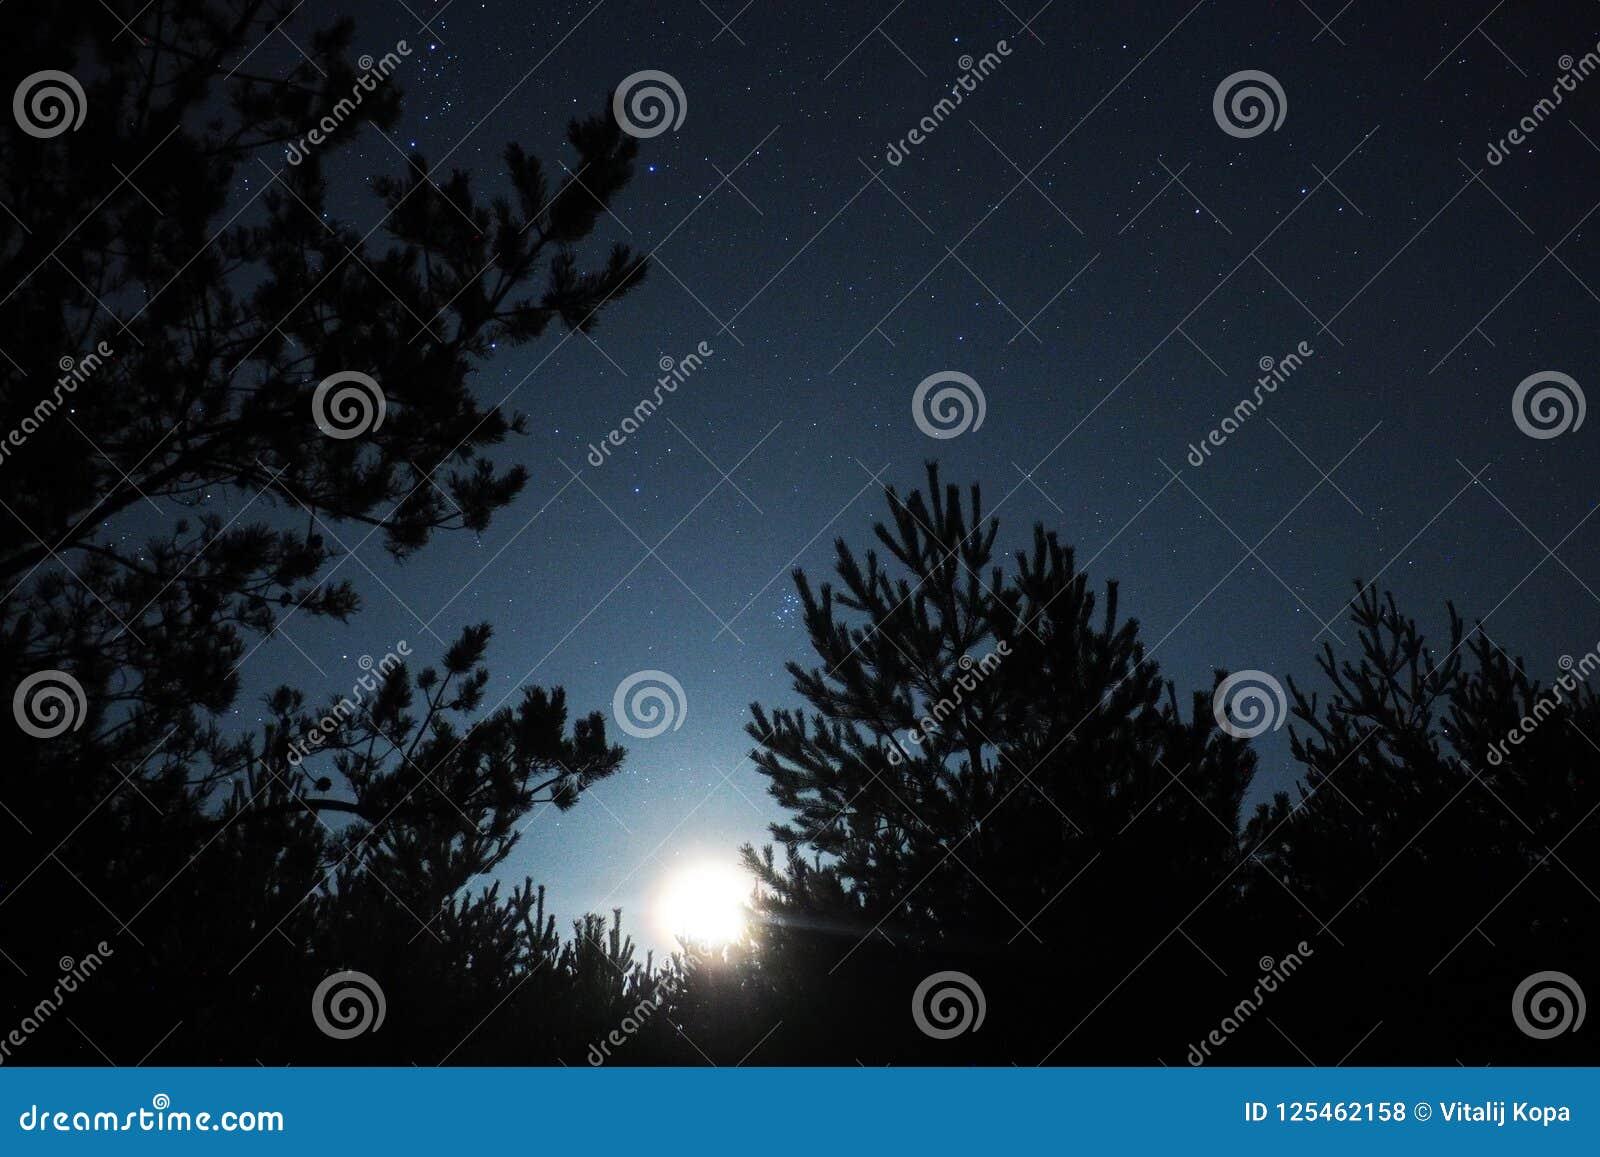 Nocne niebo gwiazdy, księżyc światło i Pleiades obserwować,